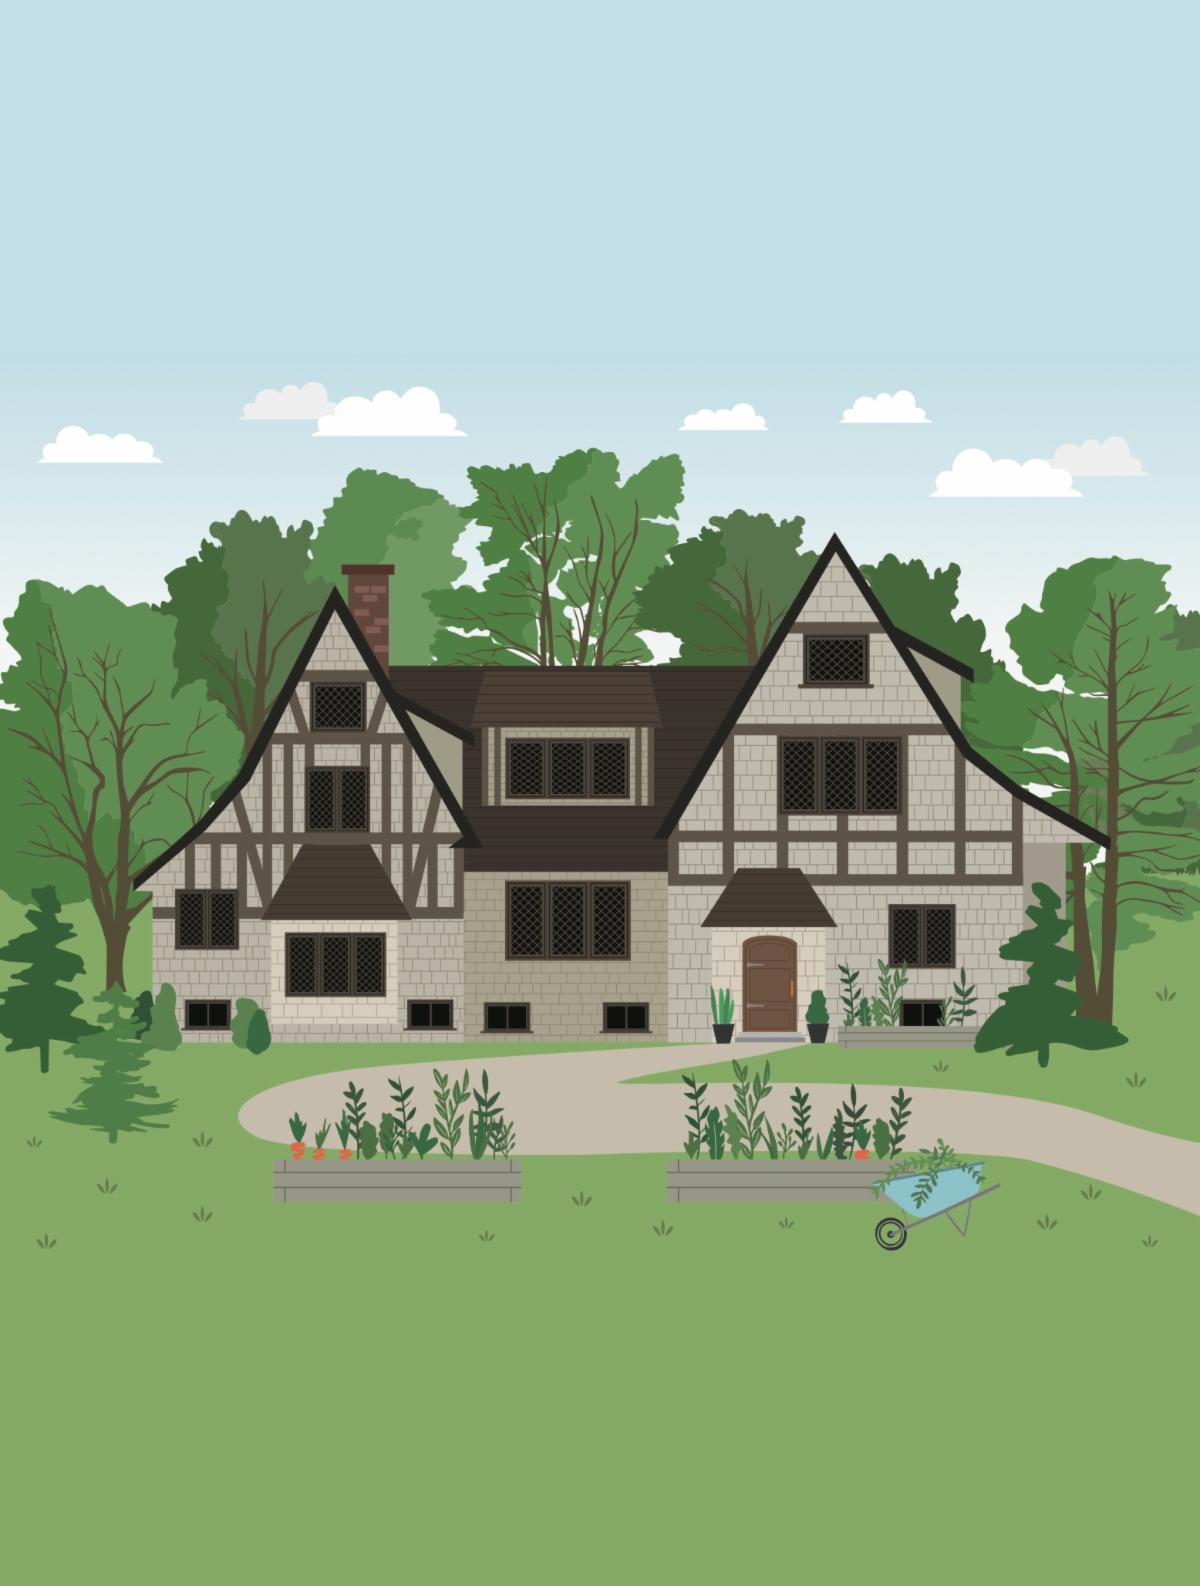 Picken House